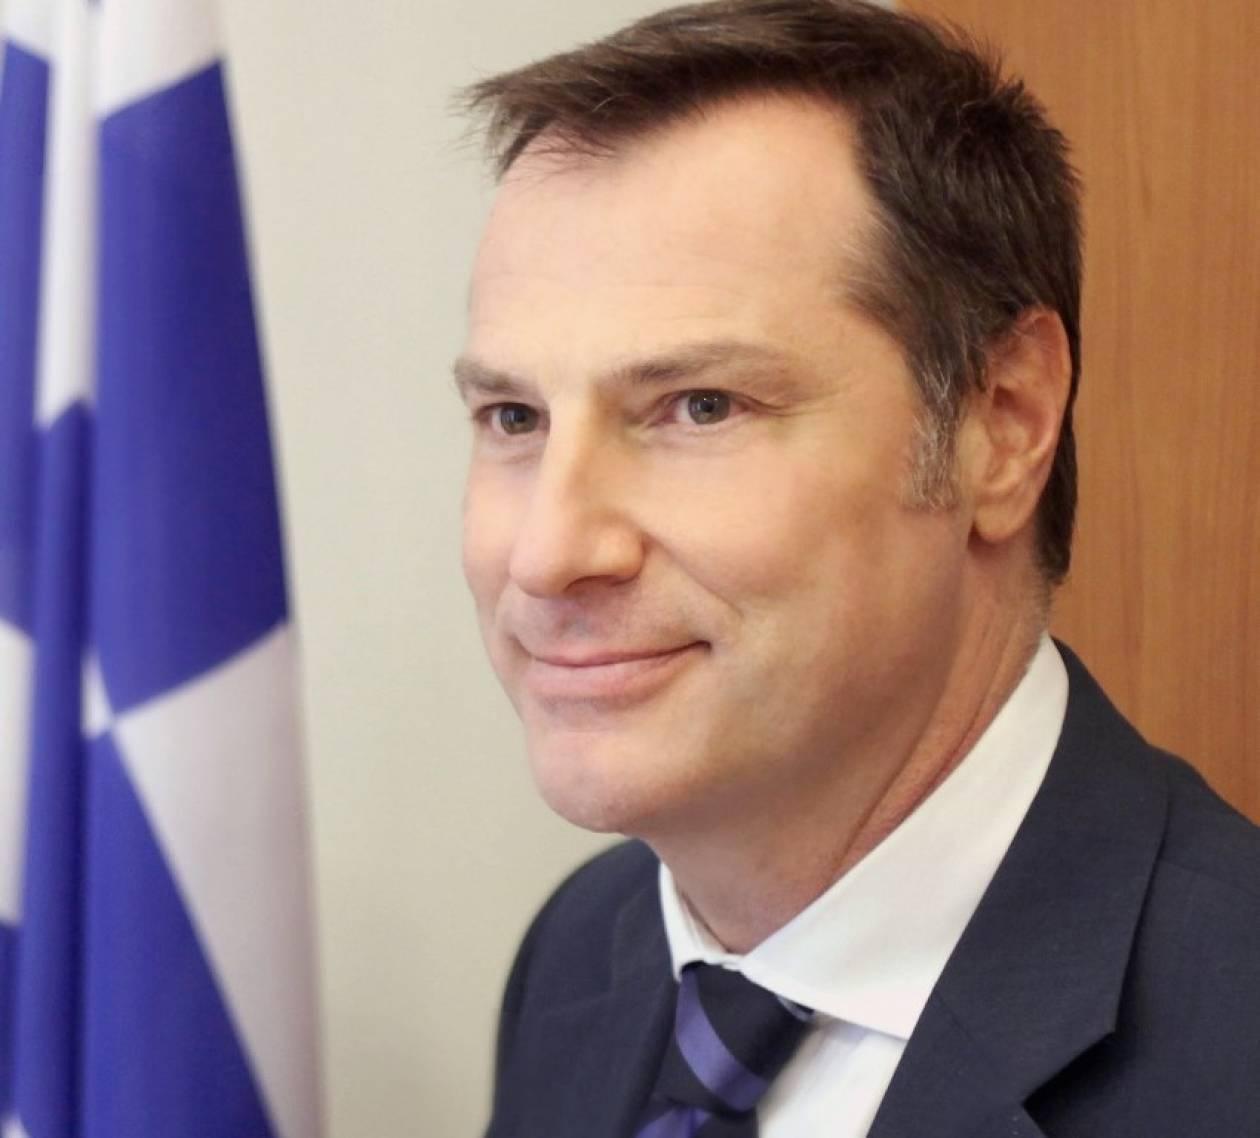 Στ. Λεύκοβιτς: Υποψήφιος με τη Ν.Δ. στα Ιωάννινα